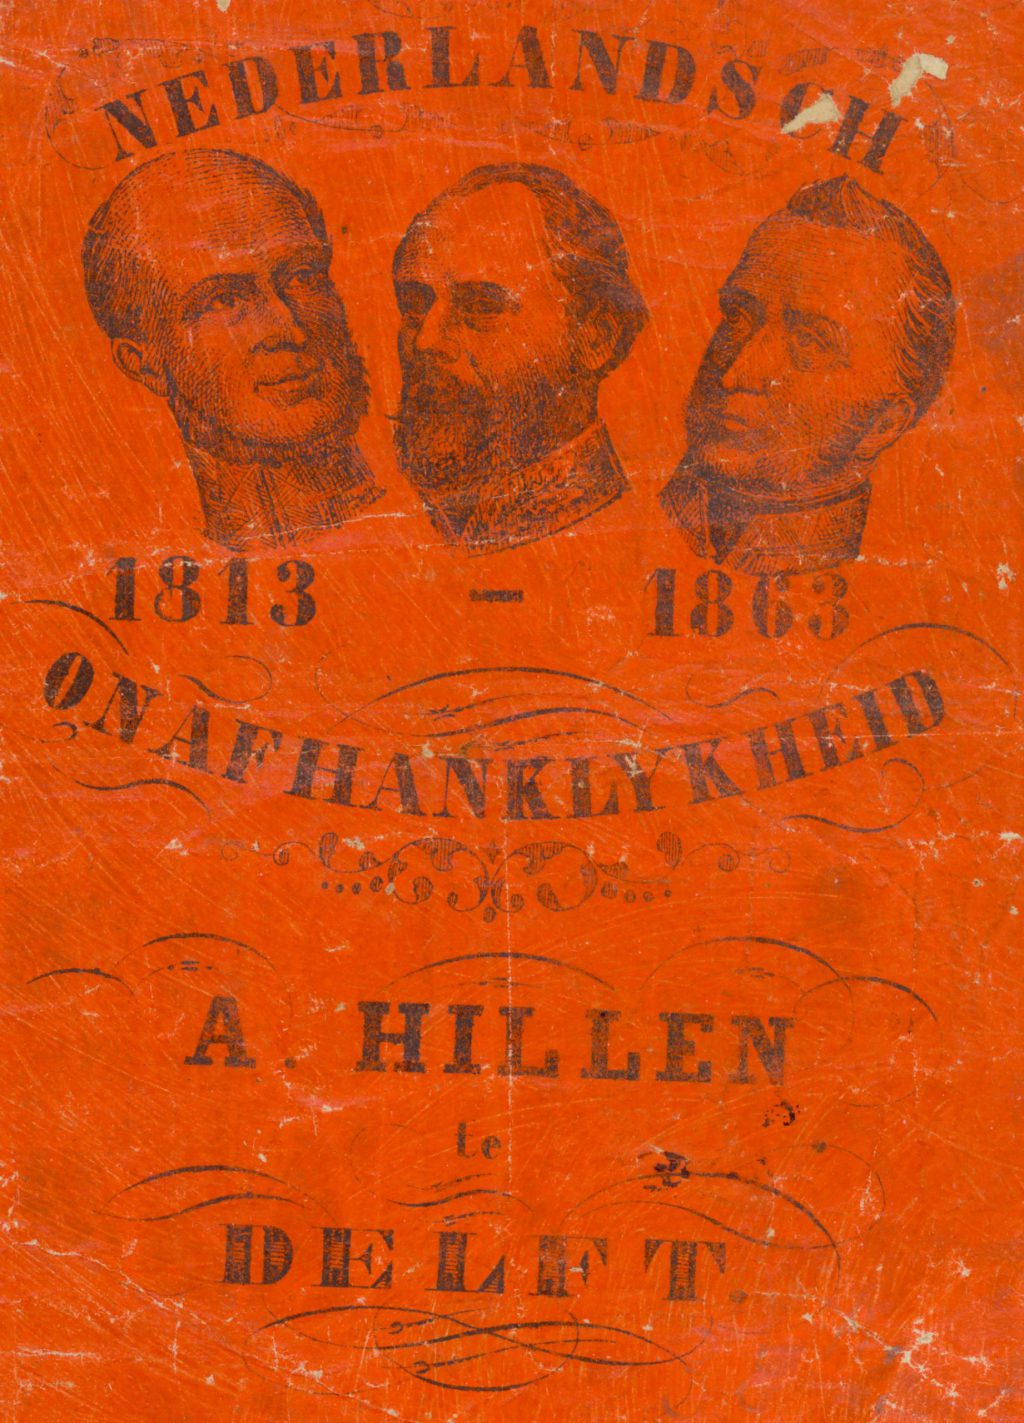 Tabakzakje ter gelegenheid van 50 jaar onafhankelijkheid, 1863 (TMS 61885)